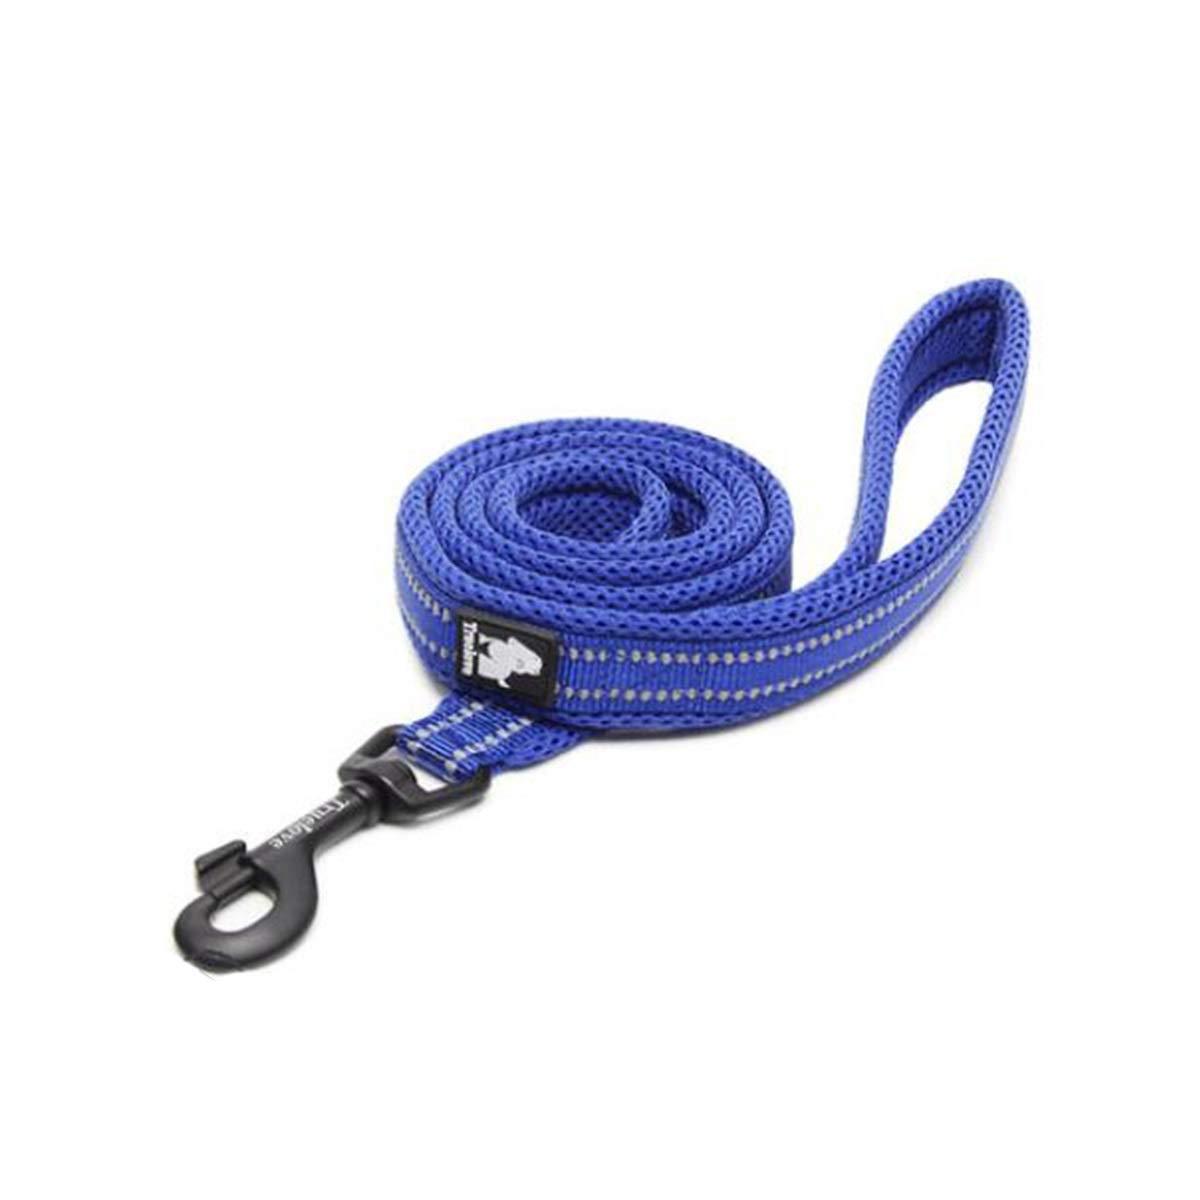 bluee LPet Leash, Suitable for Dogs Between 10kg50kg, Oxford Cloth + Breathable mesh Fabric pet Leash, Professional pet Leash, 6, 6 colors Available (color   bluee, Size   L)